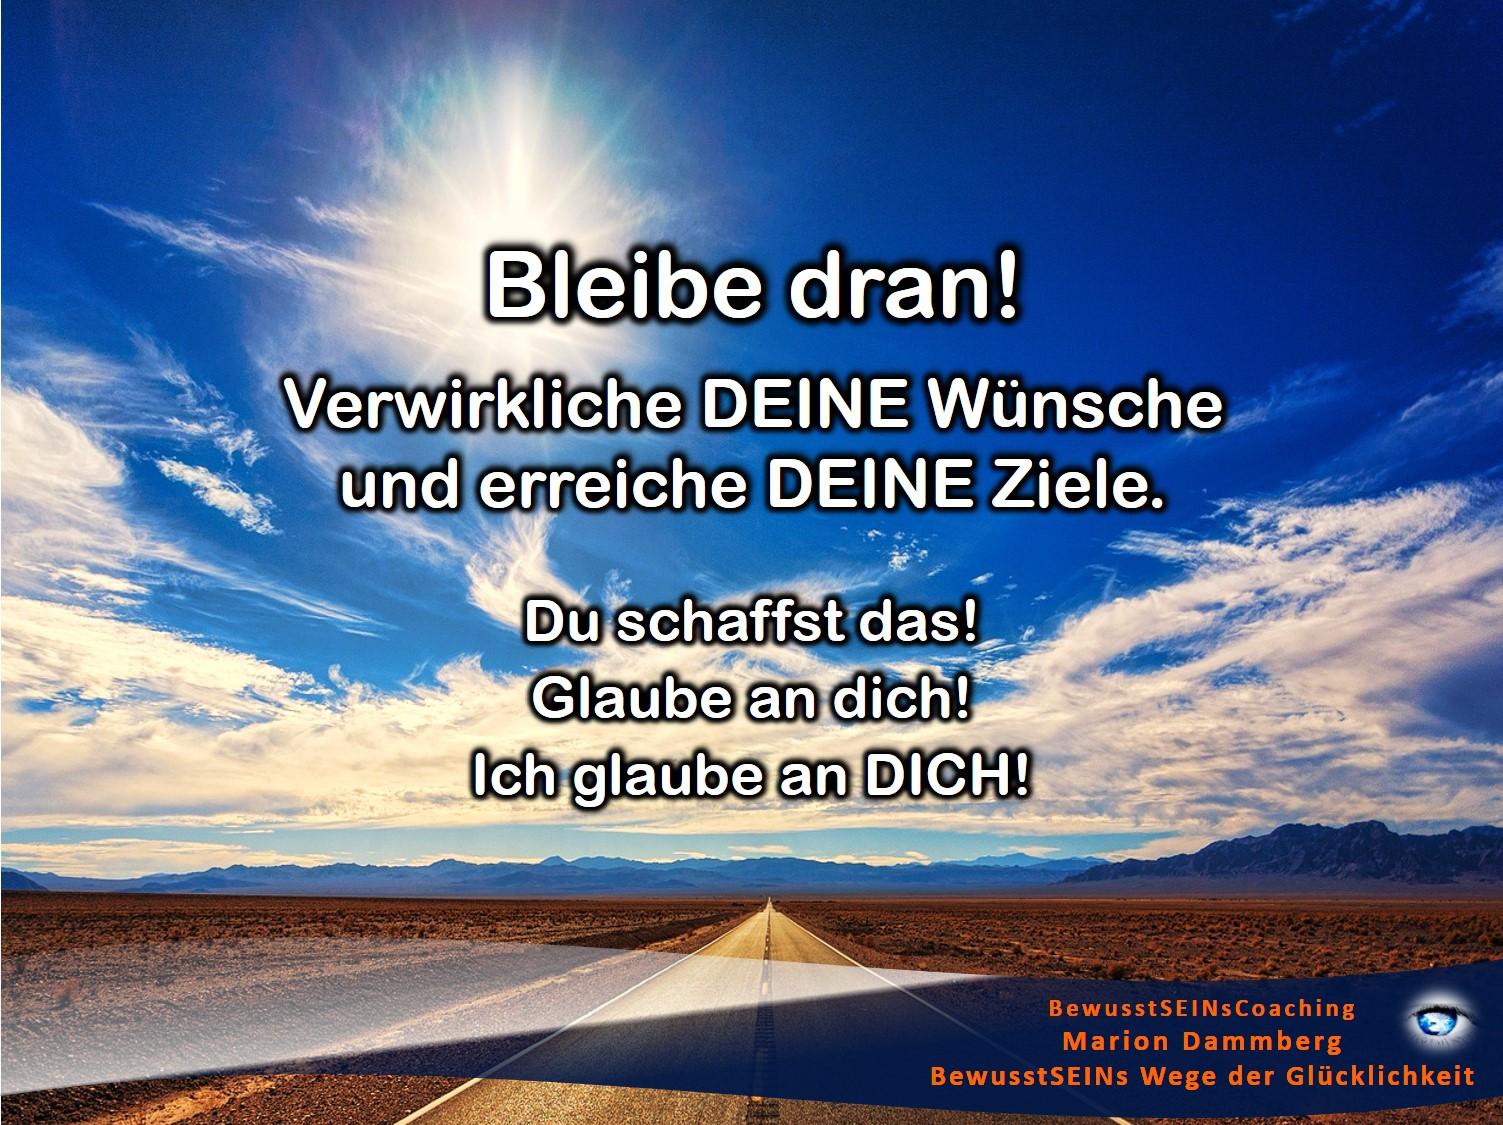 Bleibe dran! Verwirkliche DEINE Wünsche und erreiche DEINE Ziele - BewusstSEINs Wege der Glücklichkeit, Marion Dammberg, BewusstSEINsCoaching Life Coach